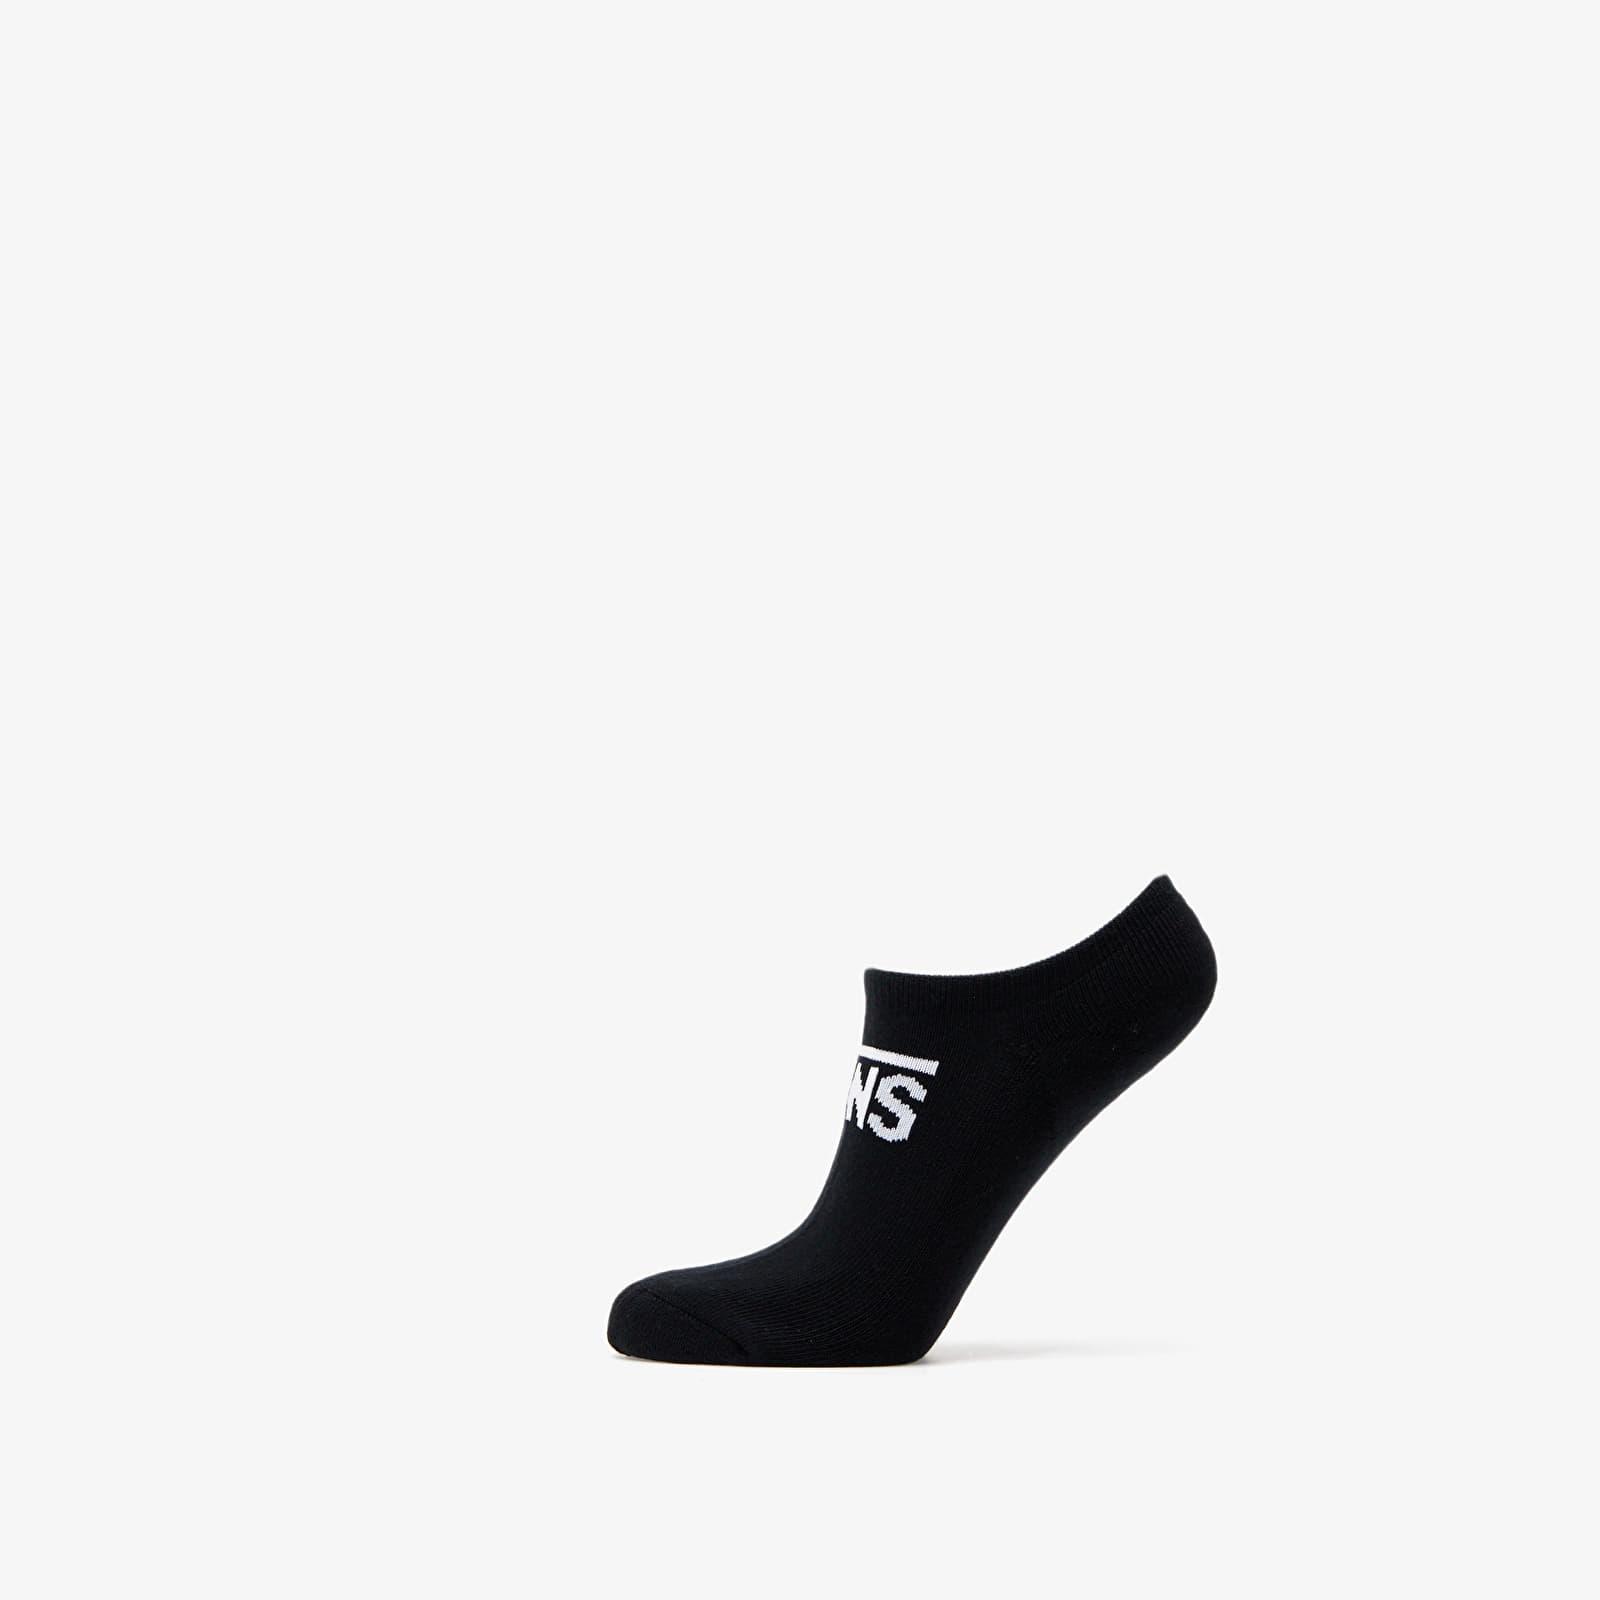 Vans Classic Kick 3 Pair Socks Black EUR 42.5-47